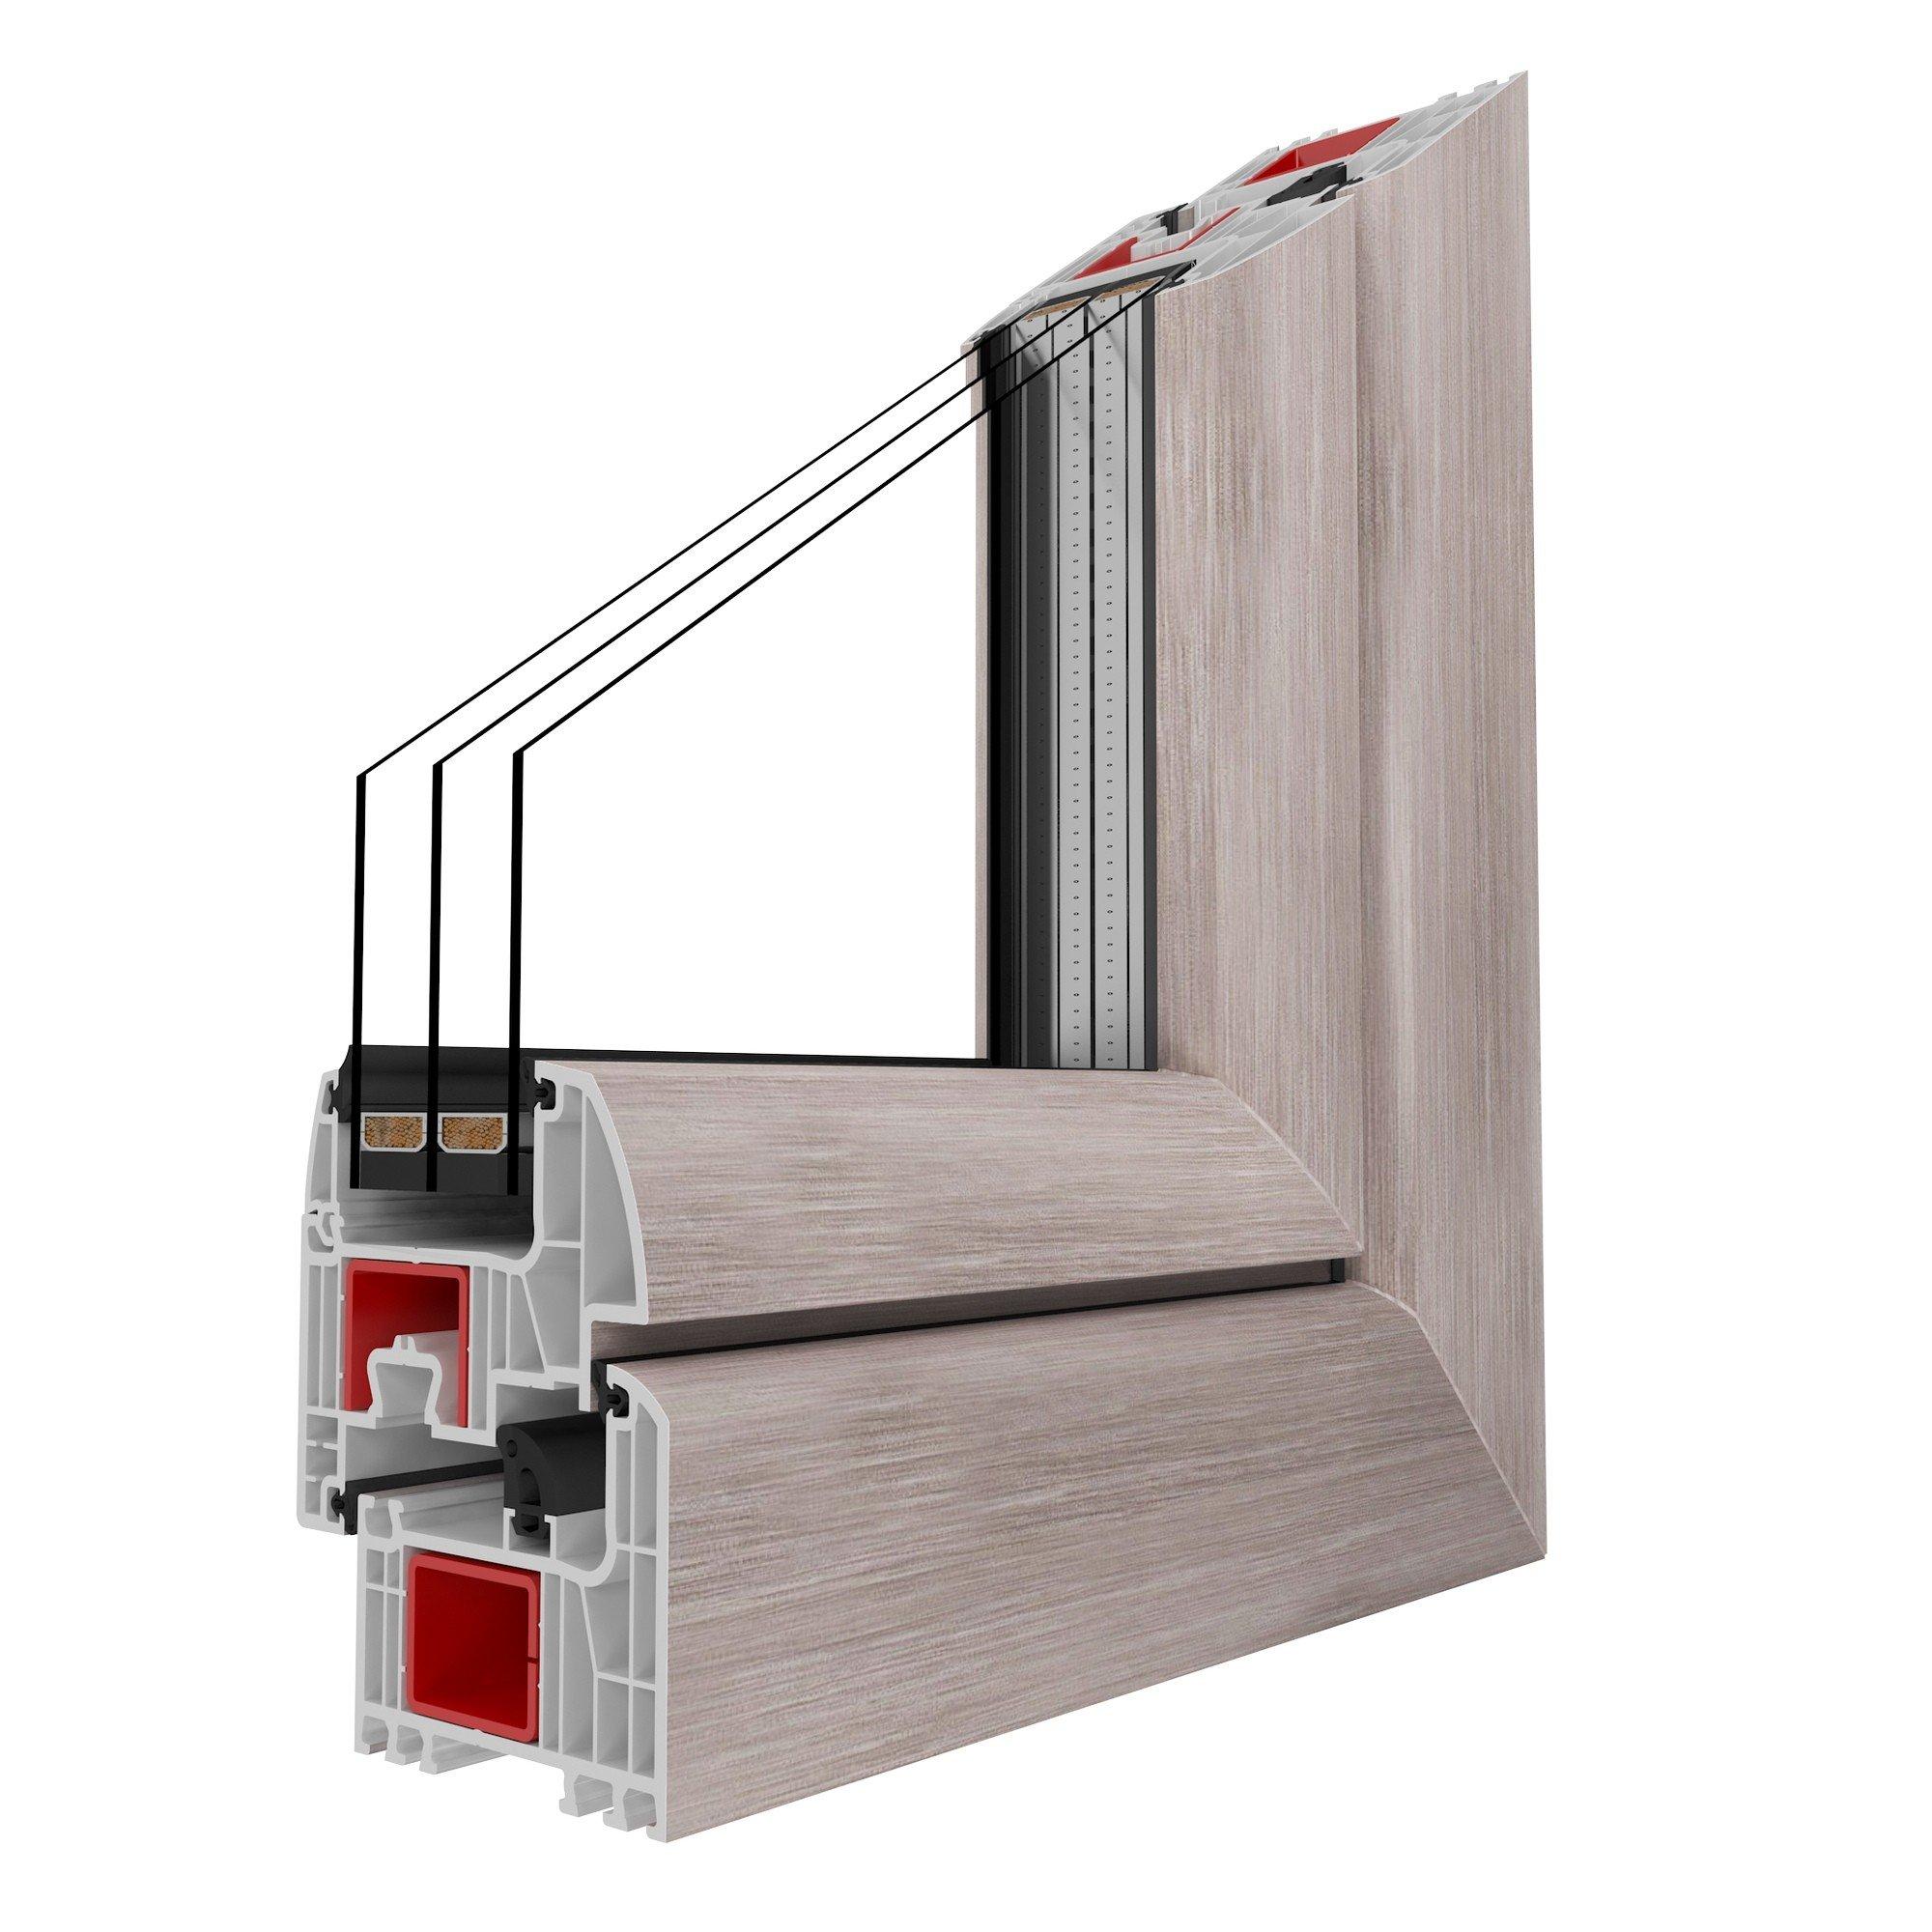 Full Size of Fenster Drutex Drutesa Pressroom Drutefenster Jetzt In Einer Neuen Sonnenschutz Velux Rollo Gebrauchte Kaufen Konfigurieren Herne Schallschutz Köln Fenster Fenster Drutex